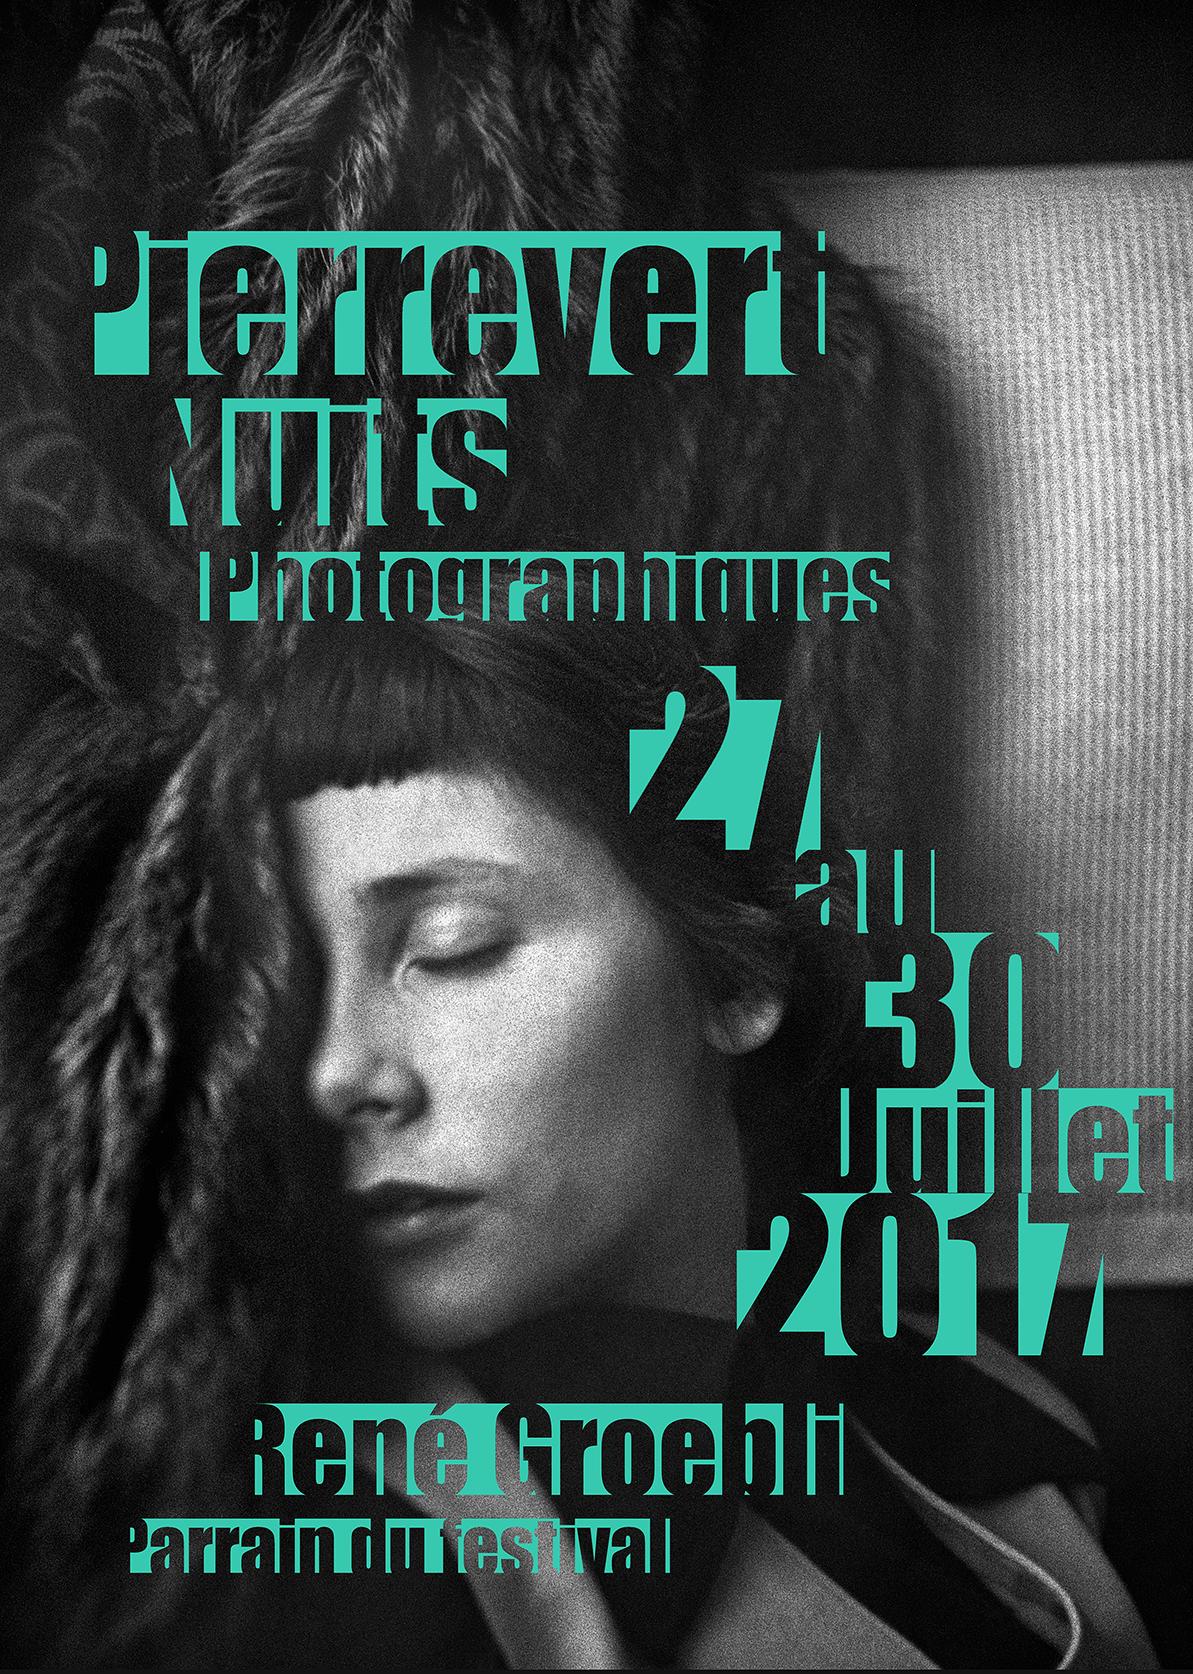 Les 9èmes Nuits Photographiques s'ouvrent jeudi à Pierrevert…